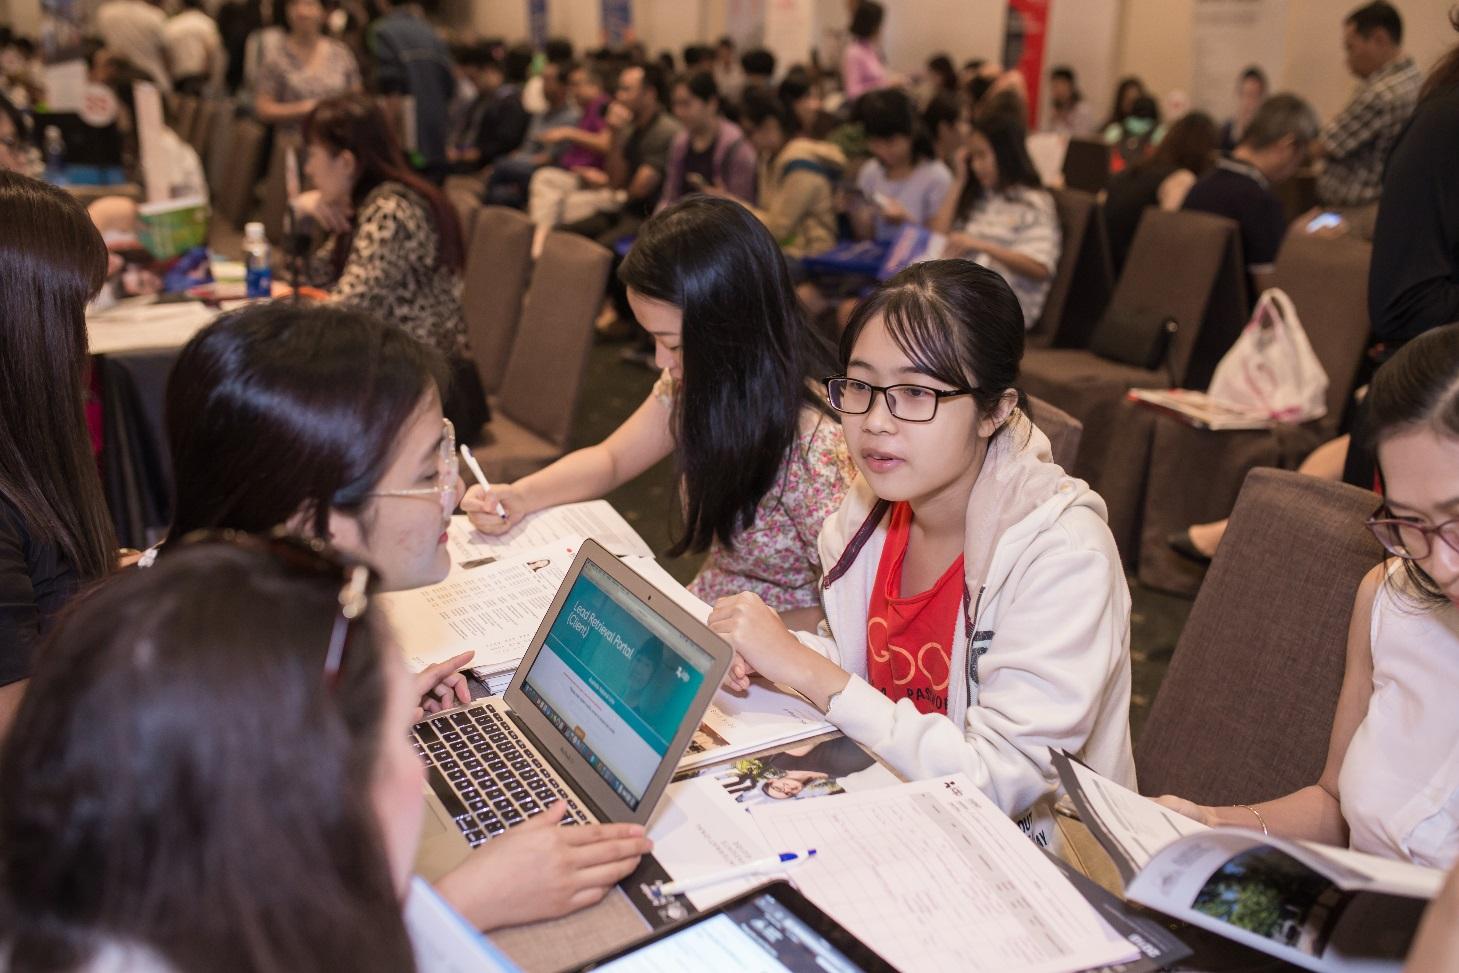 Ngày hội tư vấn tuyển sinh du học quốc tế: Ngành học tiềm năng thời đại 4.0 - Ảnh 2.